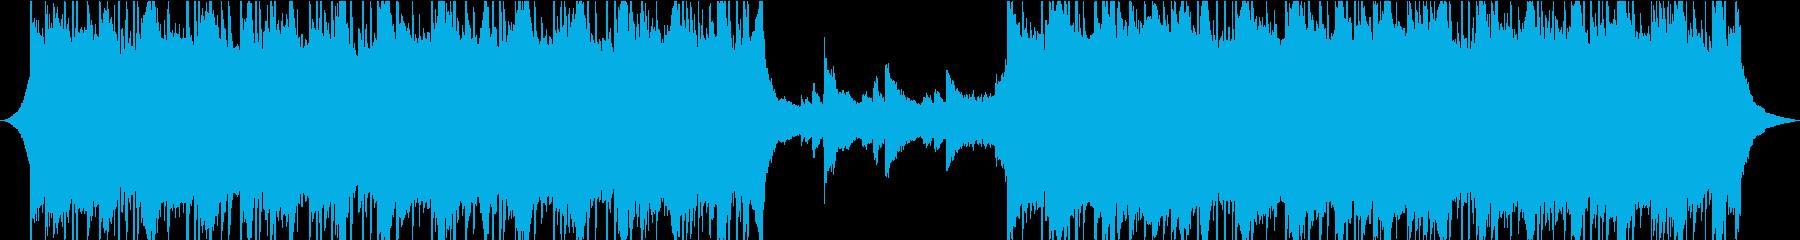 プログレッシブ 交響曲 励ましい ...の再生済みの波形